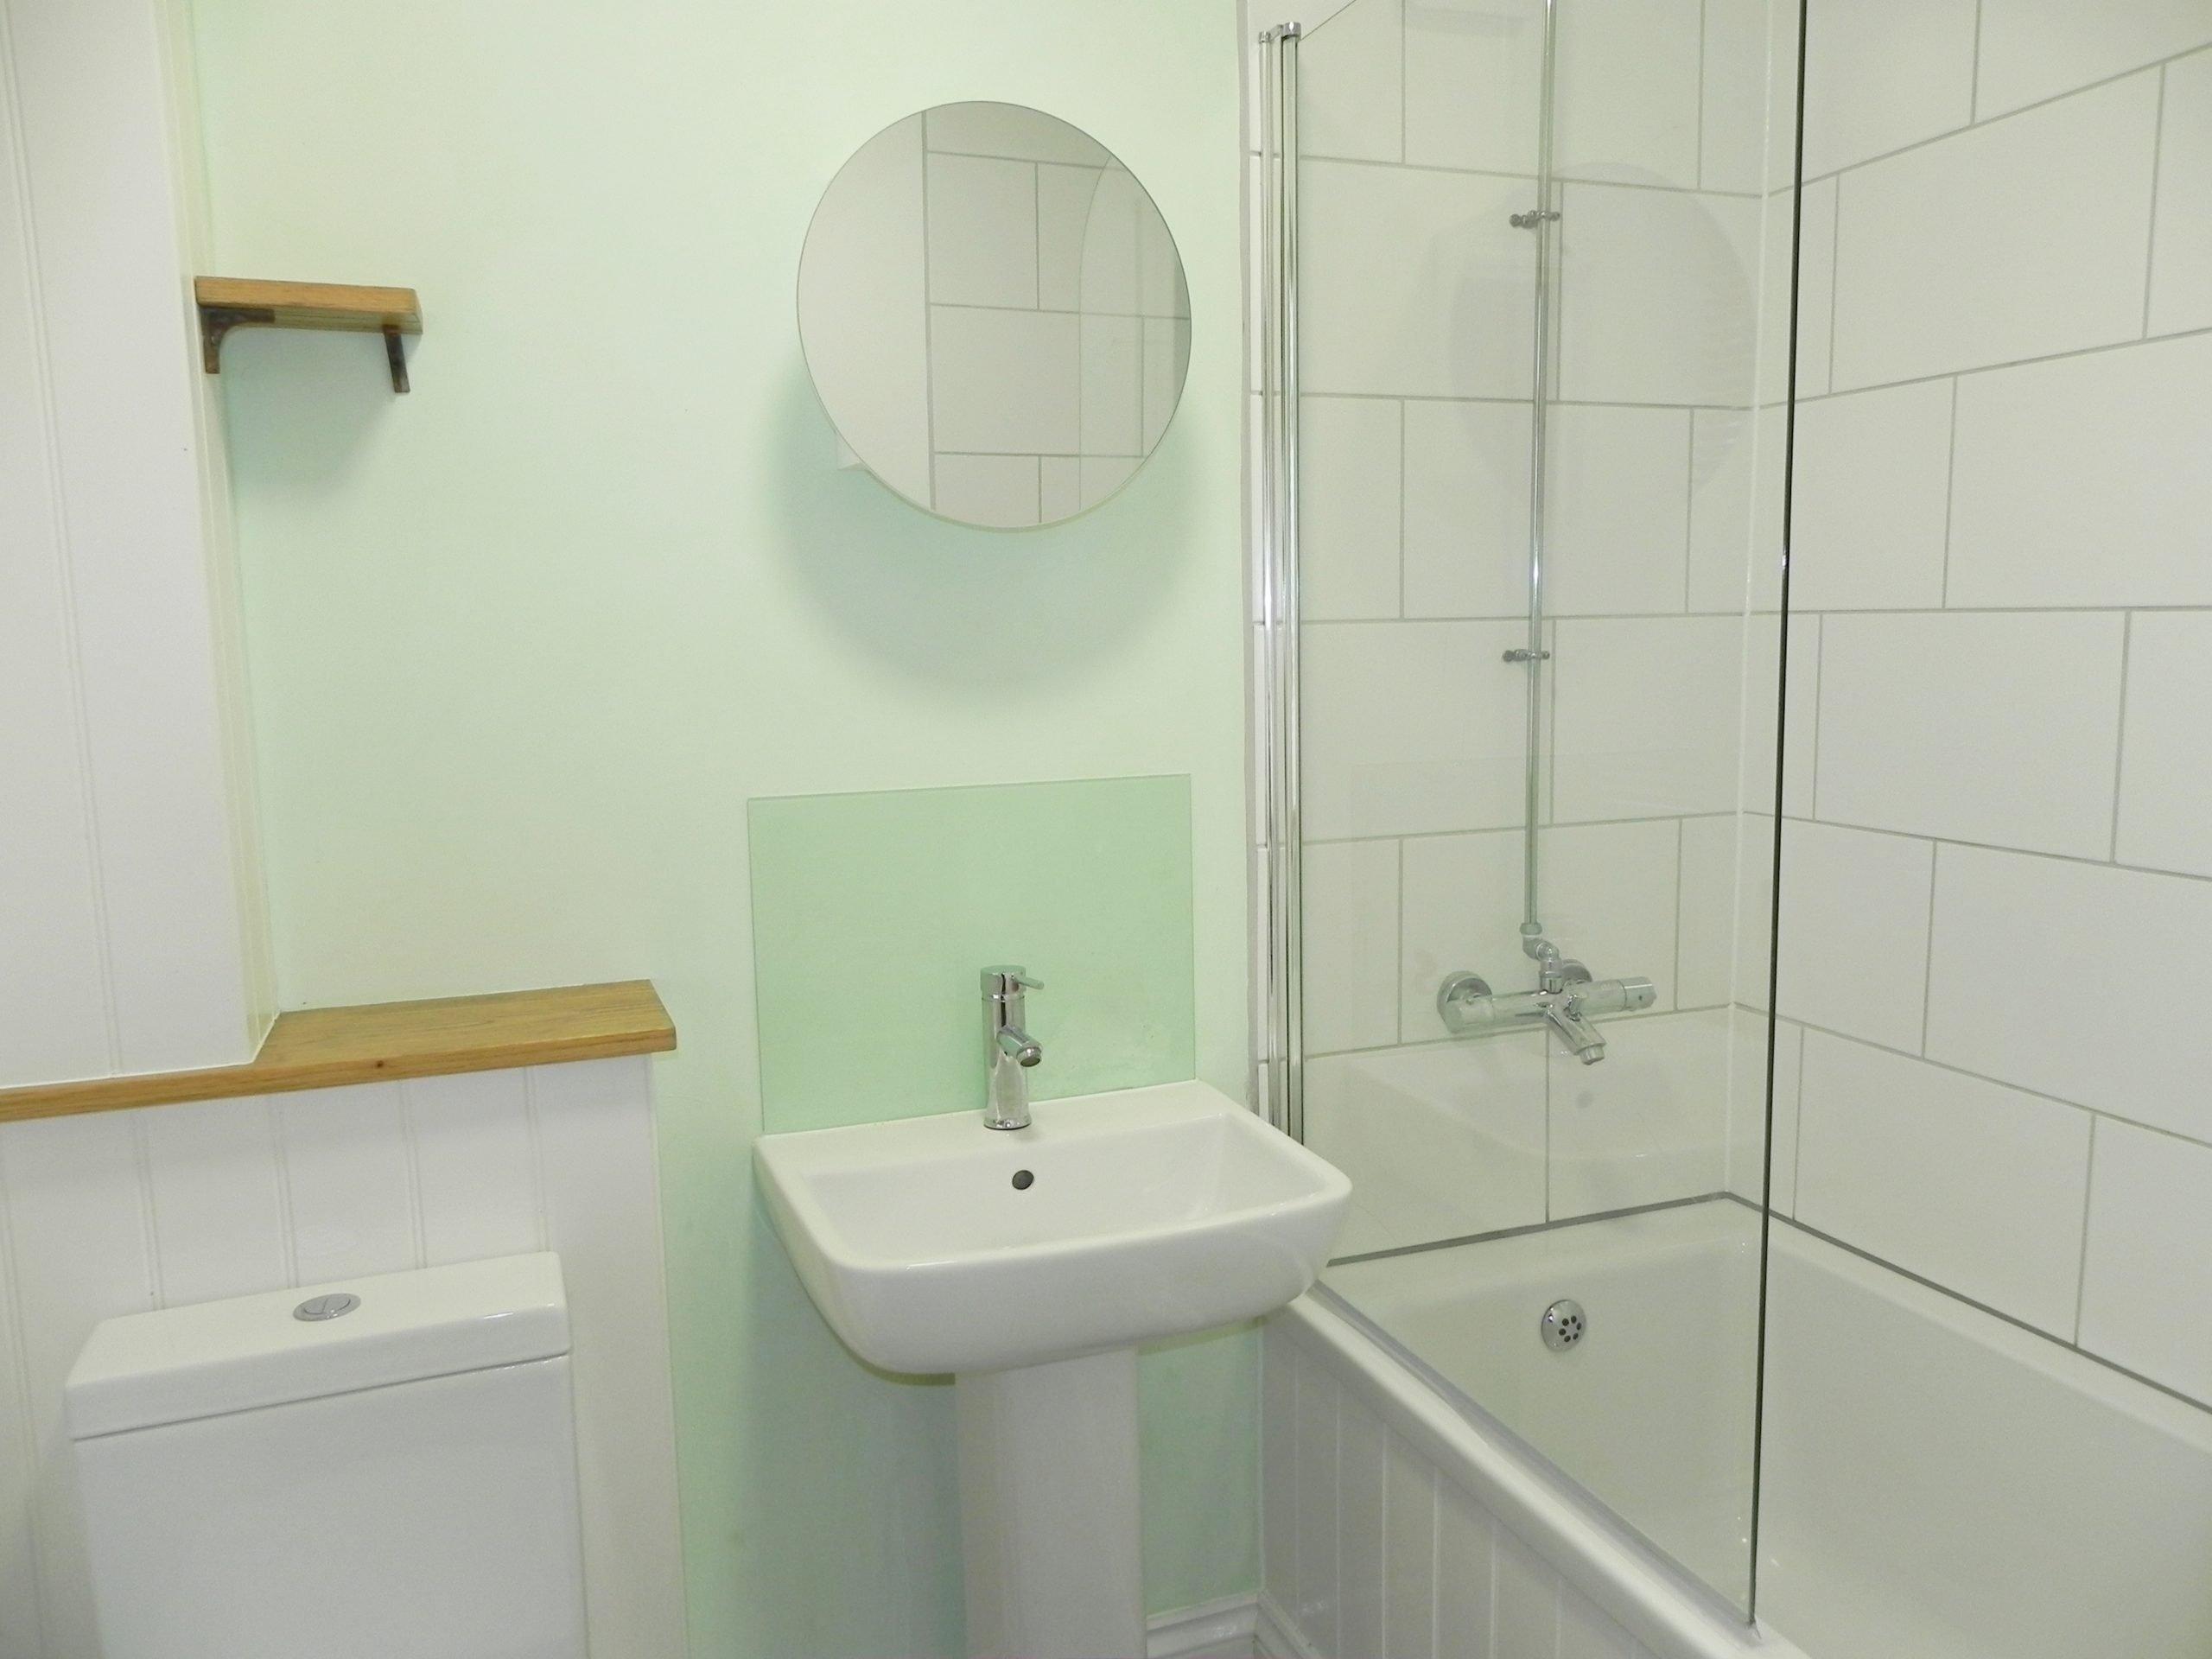 Sea lanes bathroom